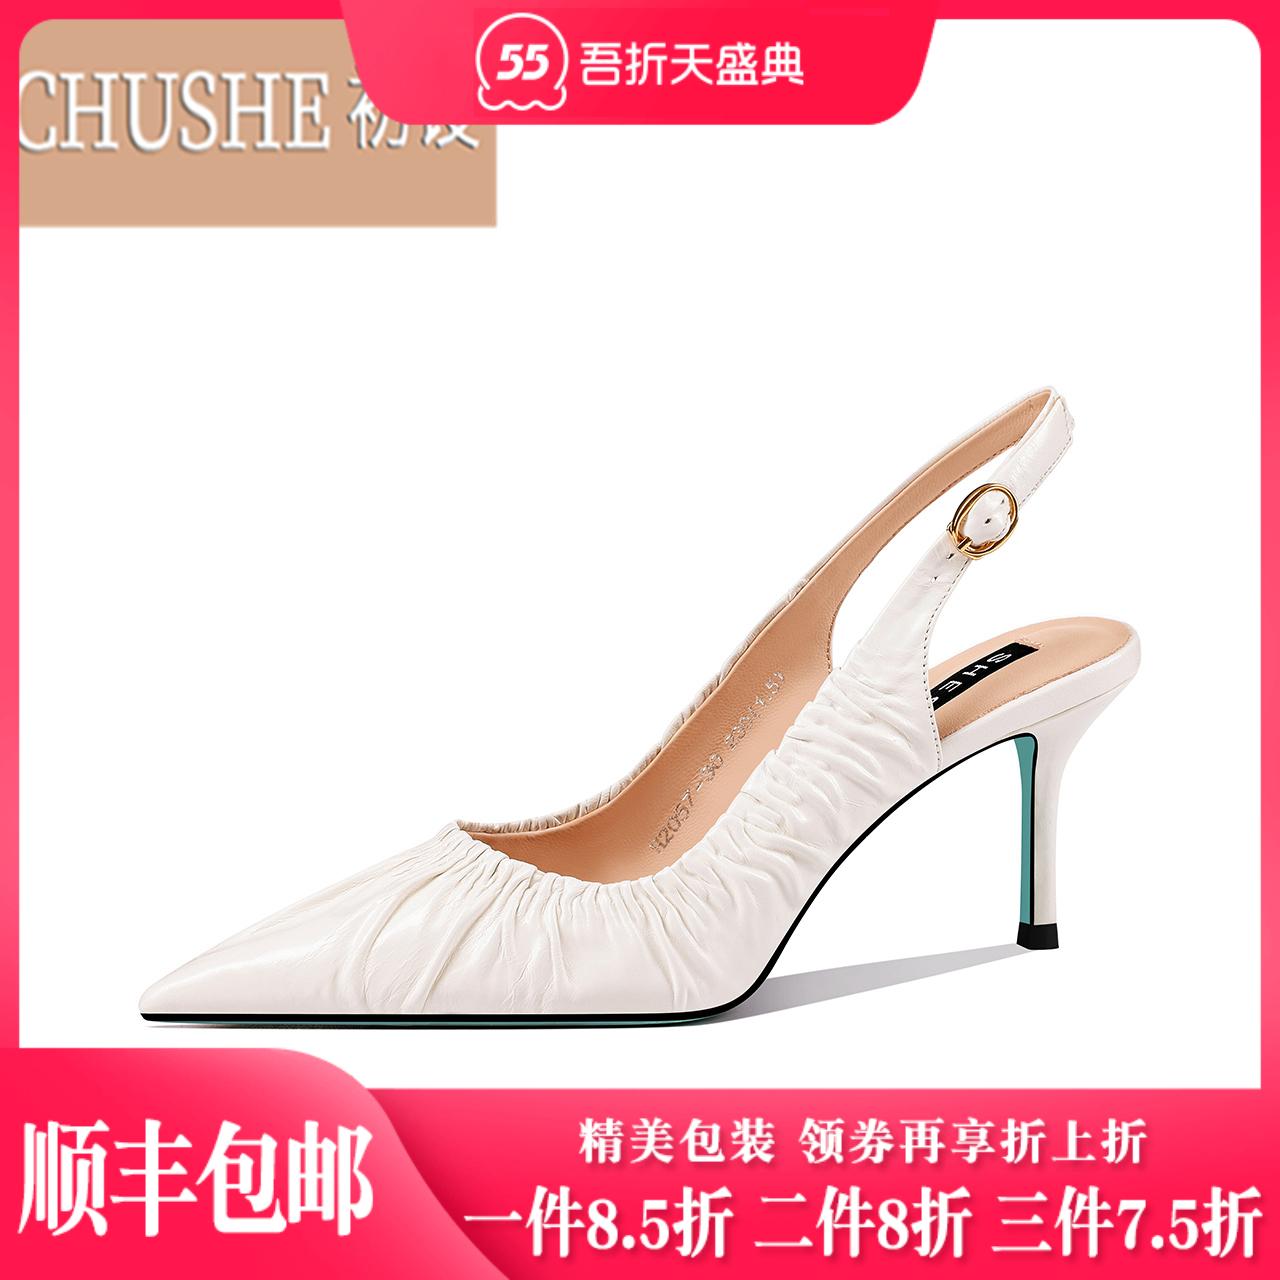 淘宝网高跟鞋 女细跟2021年春季新款皱羊皮后空高跟鞋尖头百搭时尚女鞋ZX0406_推荐淘宝好看的女高跟鞋